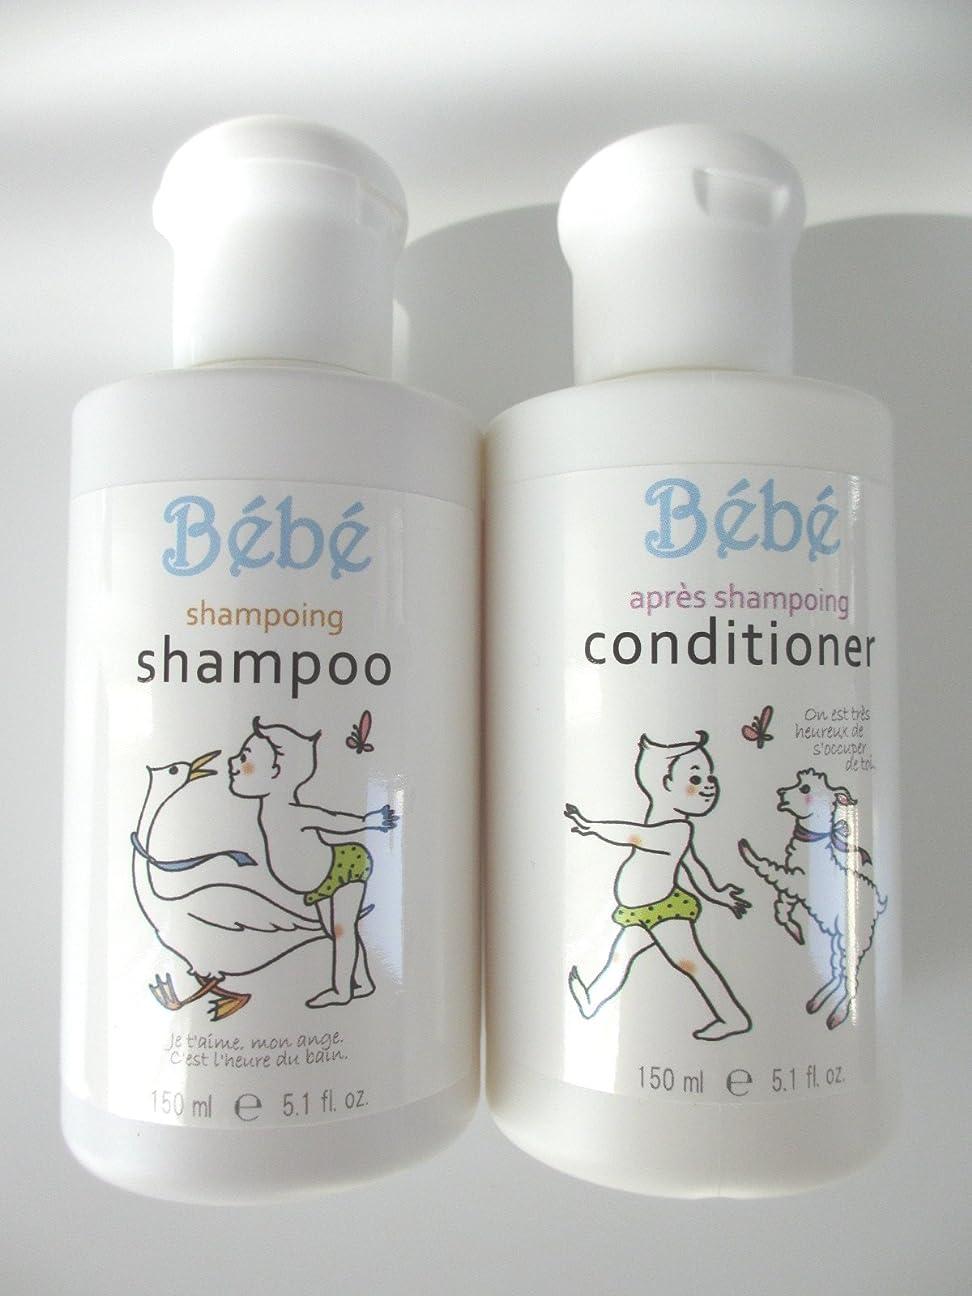 免疫法令する必要があるサイアン べべ/BEBE シャンプー(150ml)&コンディショナー(150ml)セット 赤ちゃん や お肌の弱い方 のヘアケア ふんわり 優しい